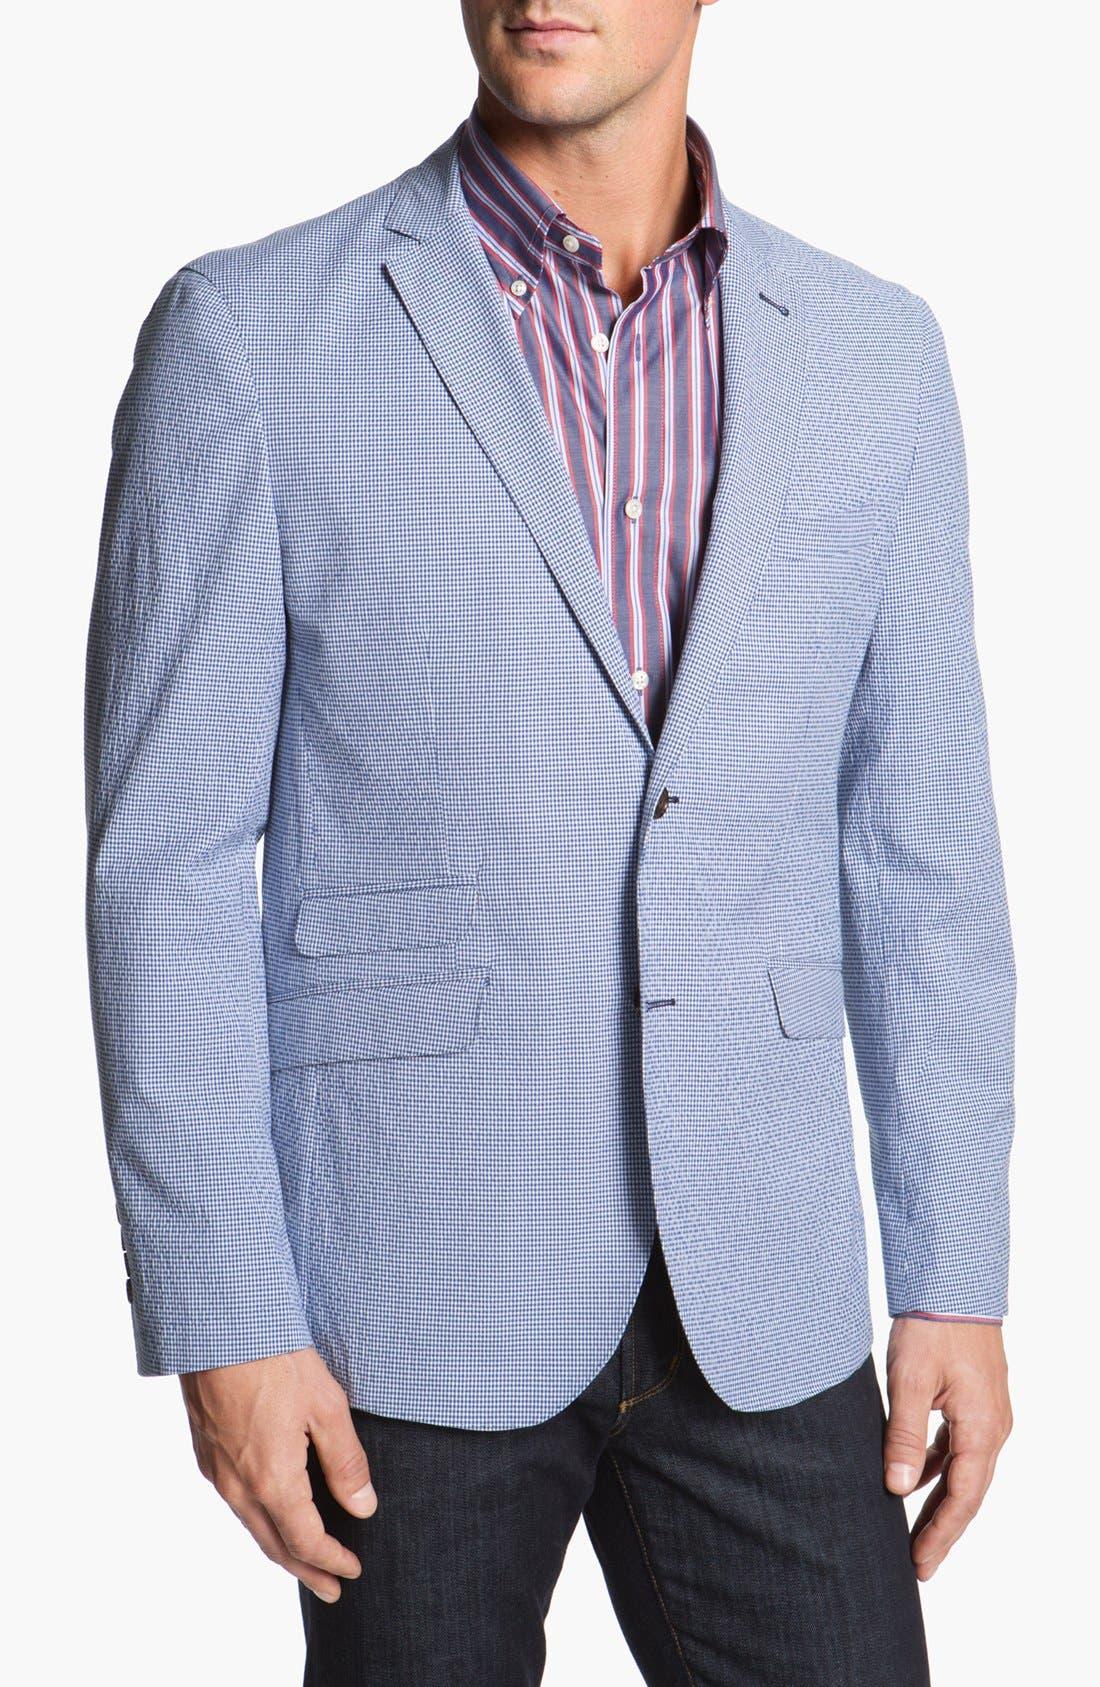 Alternate Image 1 Selected - Façonnable 'Veste' Sportcoat